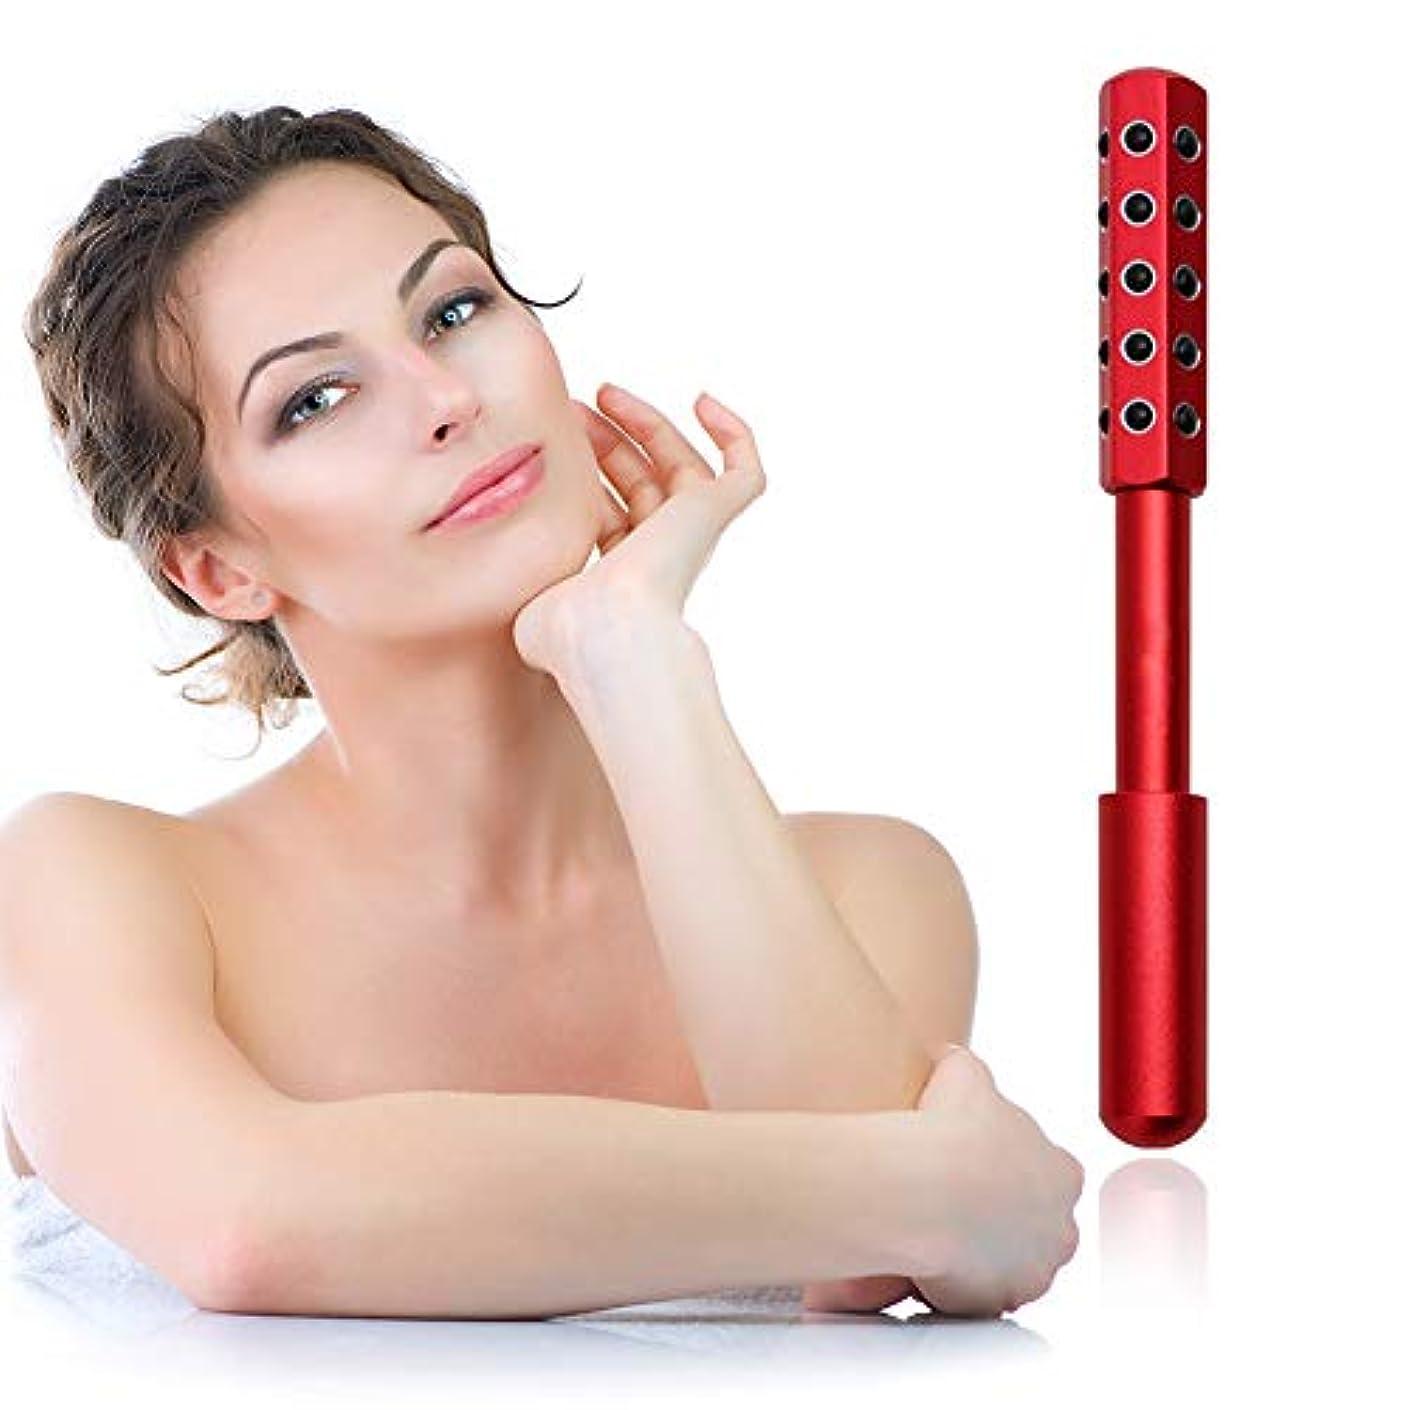 シットコム歩く彼女は顔と体のためのゲルマニウムマッサージ美容ローラーは、血液の循環を促進し、皮膚の引き締め、毒素、皮膚の抗しわをクリア